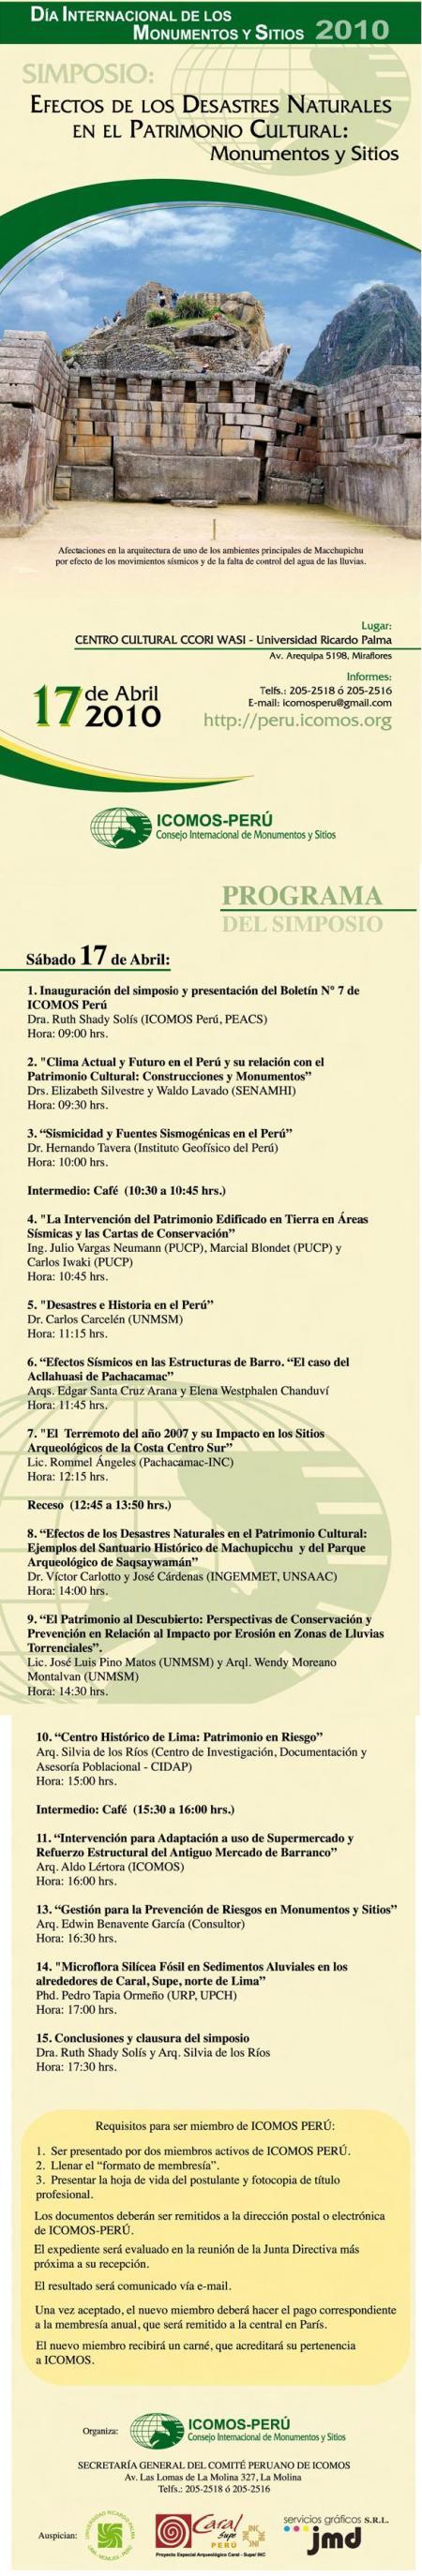 Programa ICOMOS -  JOSE LUIS PINO MATOS